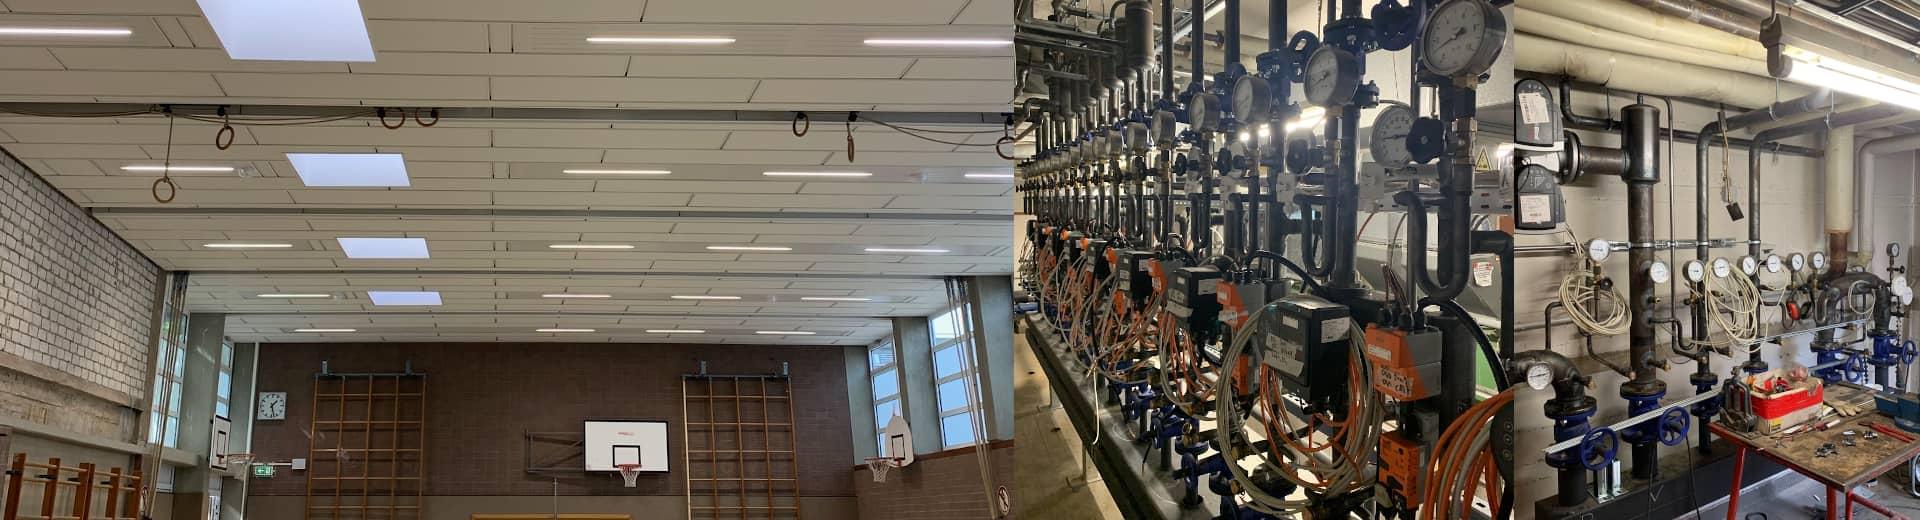 slider_2020_11_Umbau_Hildegardis_Gymnasium_Duisburg_Turnhalle.jpg